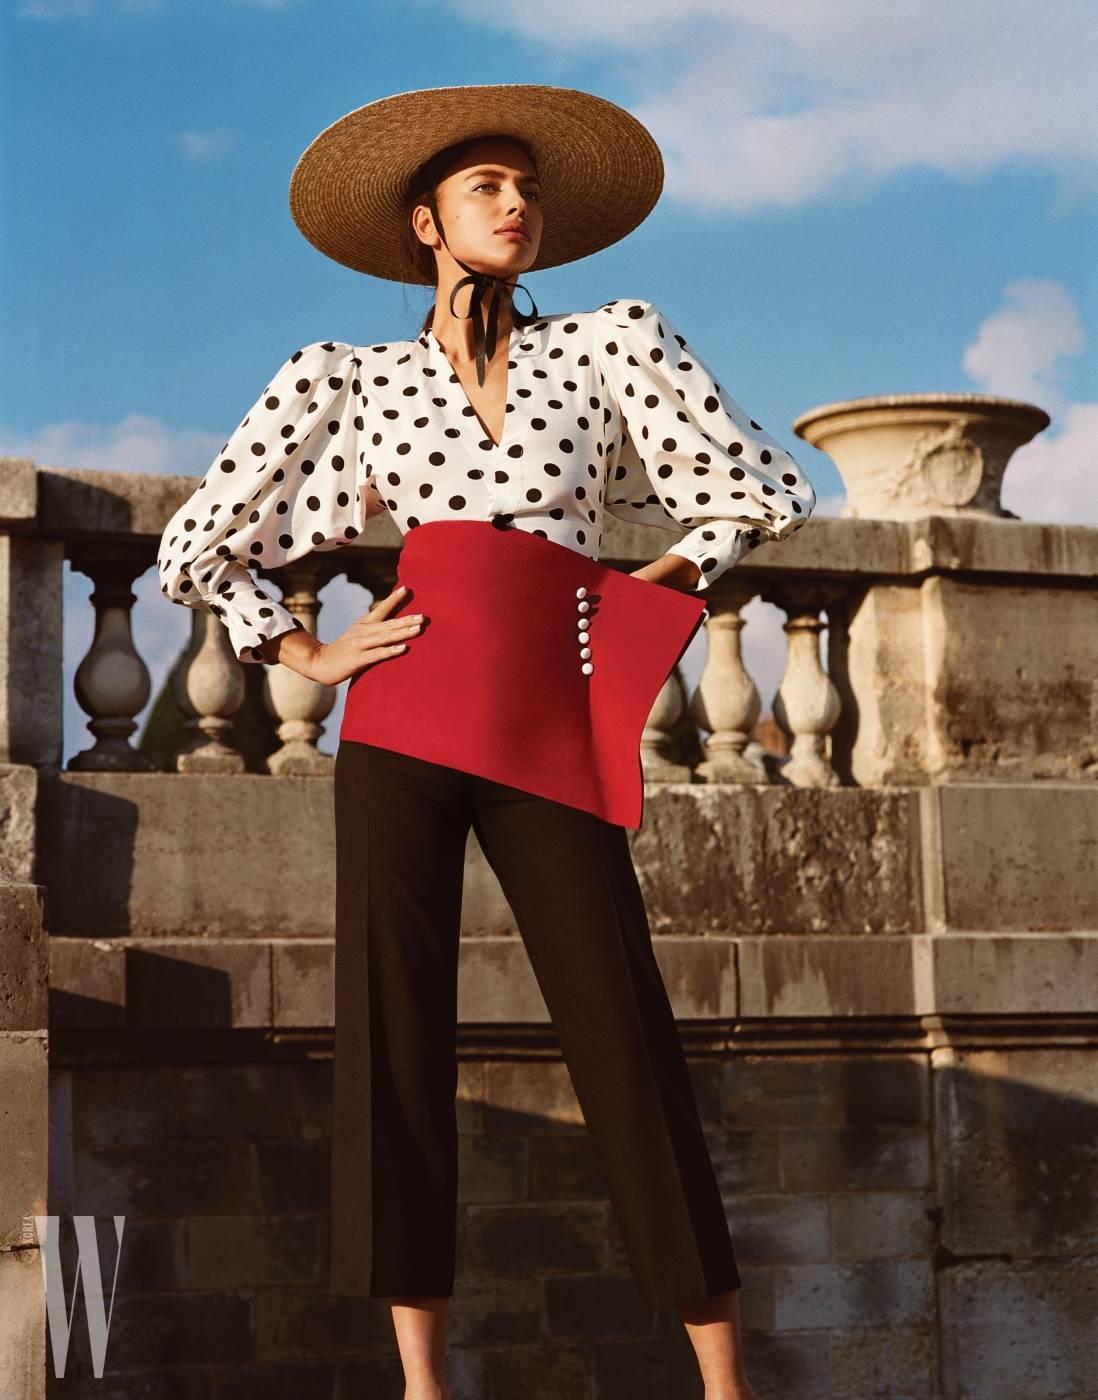 도트 블라우스, 팬츠, 모자와 입체적인 벨트는 모두 Jacquemus 제품.